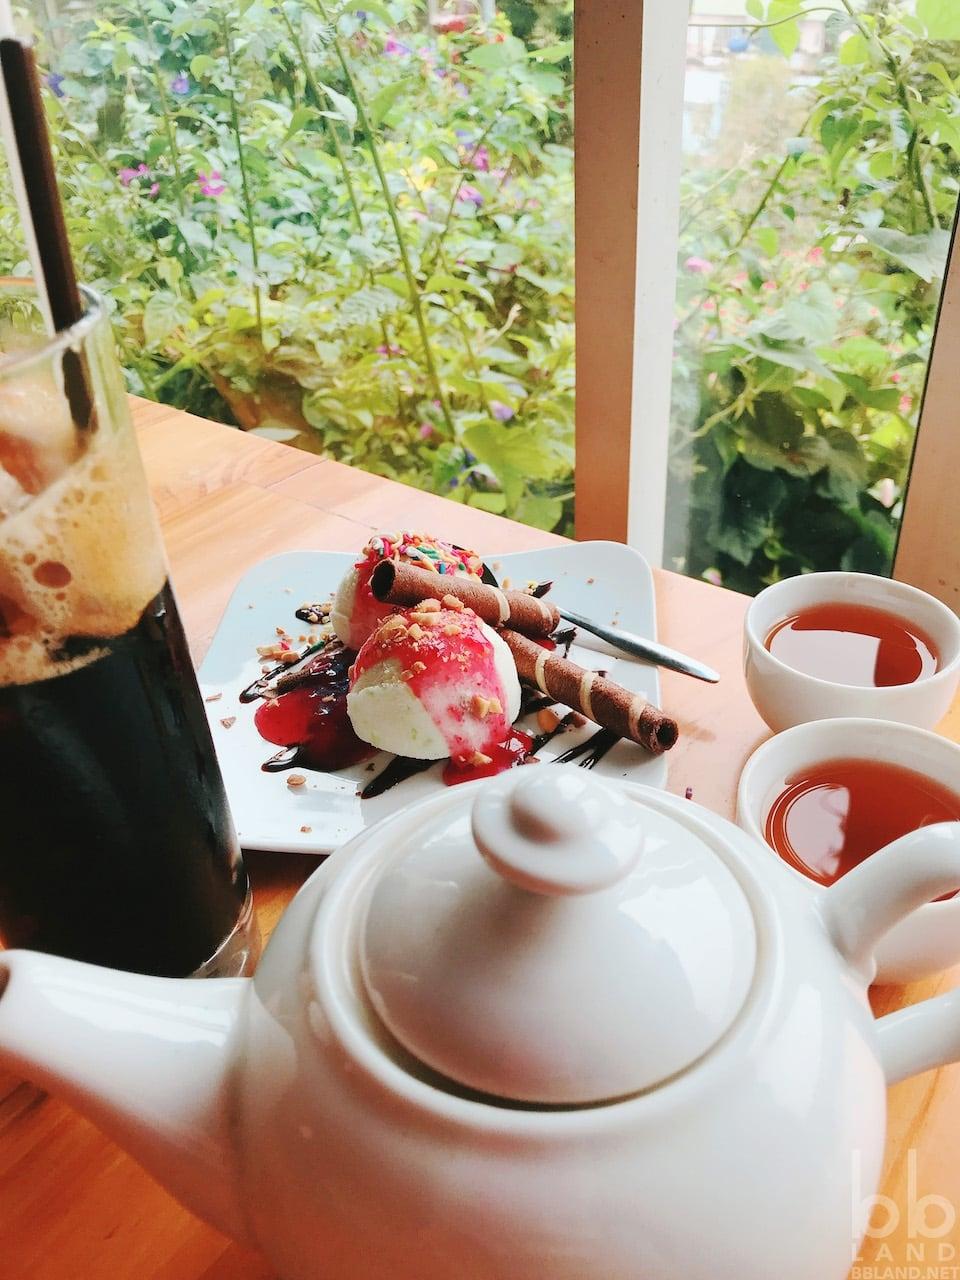 Hình 7 - Đánh giá quán Daily Coffee - Cà phê đẹp ở Đà Lạt?